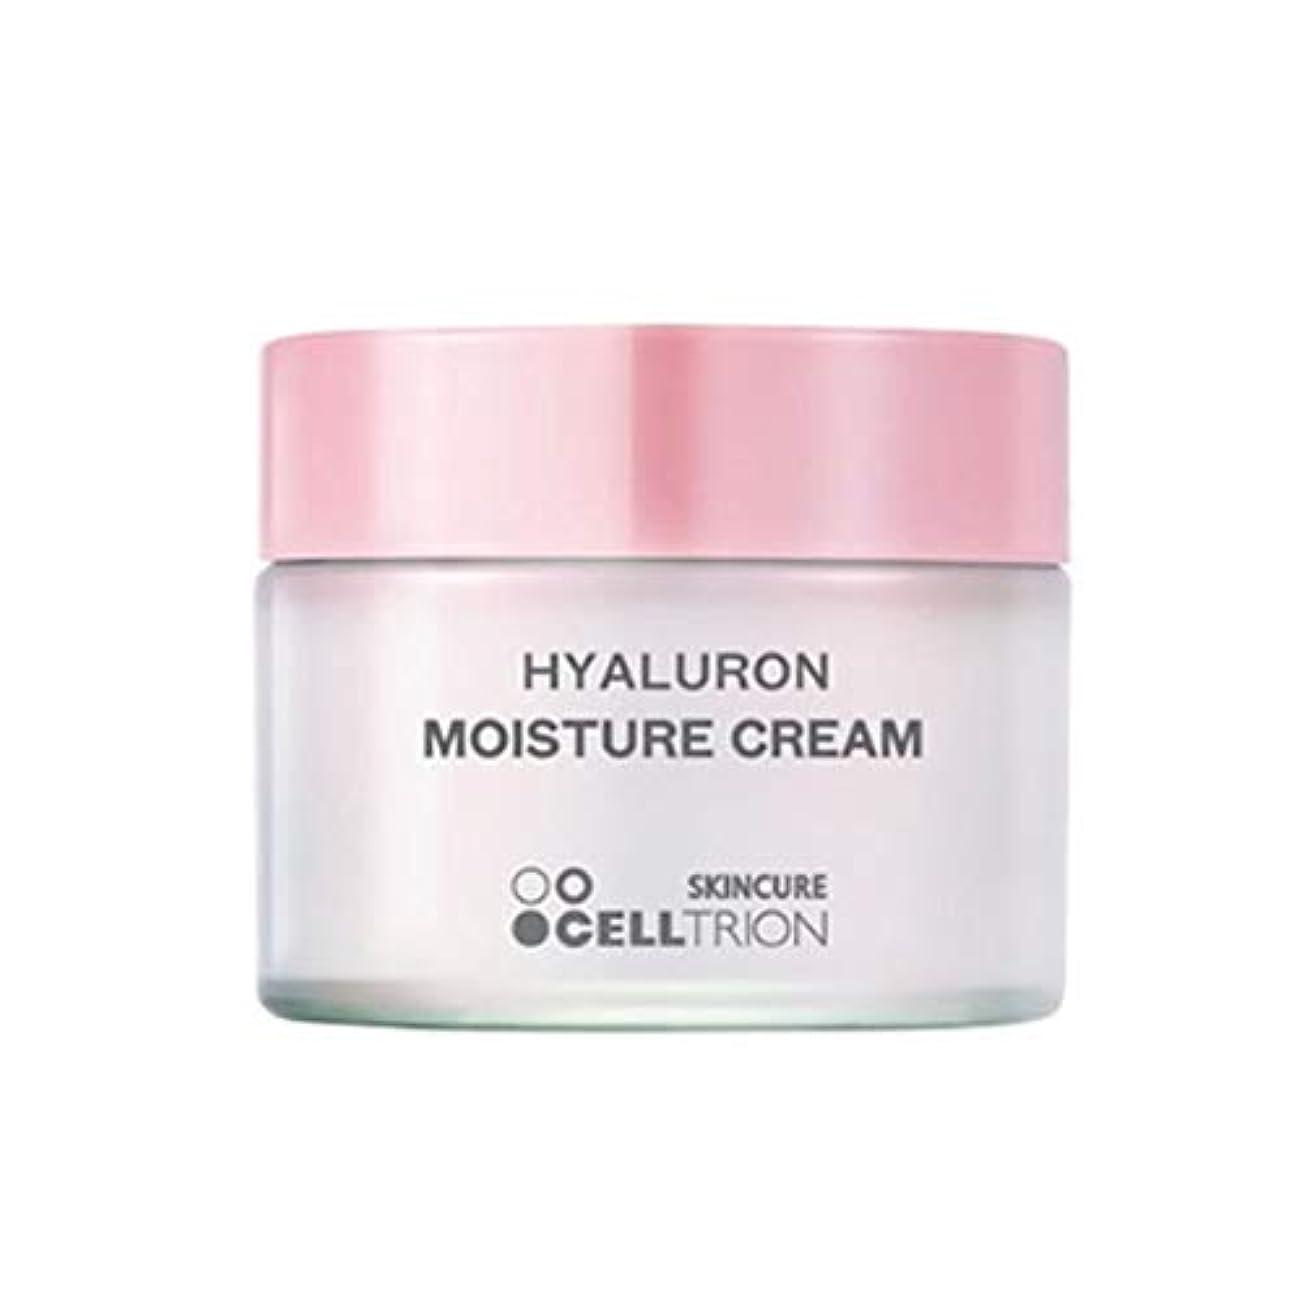 どんなときも人物あいまいセルトリオンスキンキュアヒアルロンモイスチャークリーム50gしわ改善、Celltrion Skincure Hyaluron Moisture Cream 50g Anti-Wrinkle [並行輸入品]